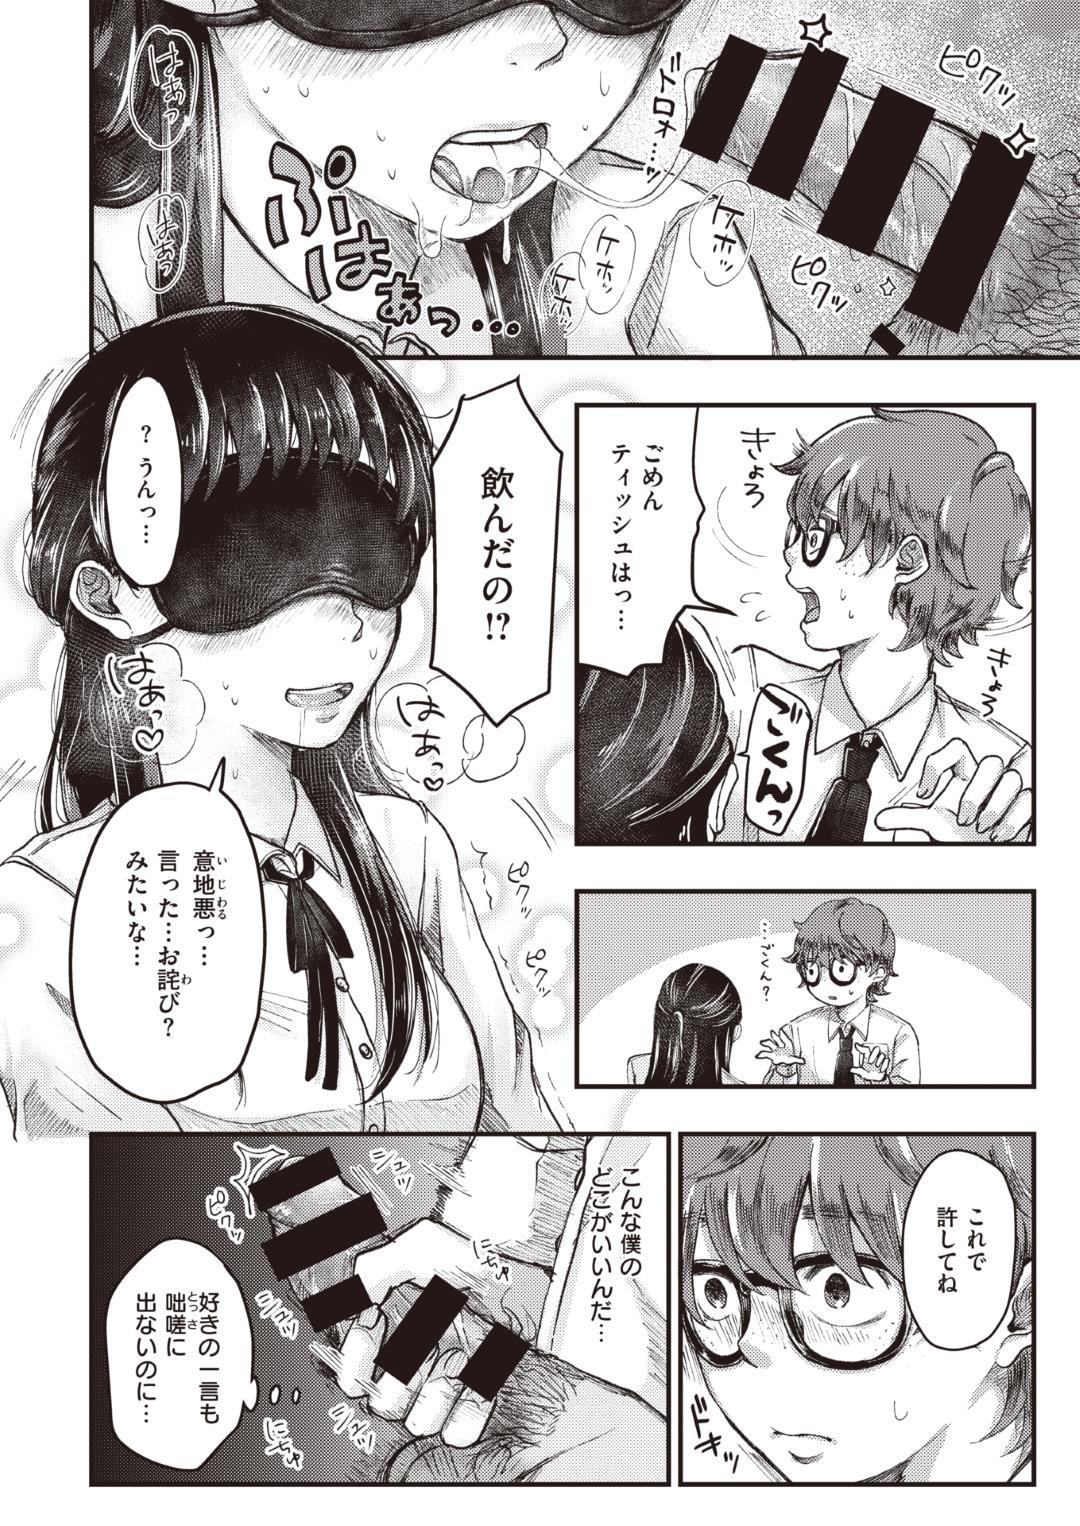 【エロ漫画】幼馴染でもある恋人をセルフ束縛して帰りを待つ変態巨乳JK…彼女が他の男と付き合う妄想してヤキモチを焼き射精するまでイラマチオしごっくんしてもらいいちゃラブ中出しセックス【えのき:須藤さんは盲目的】